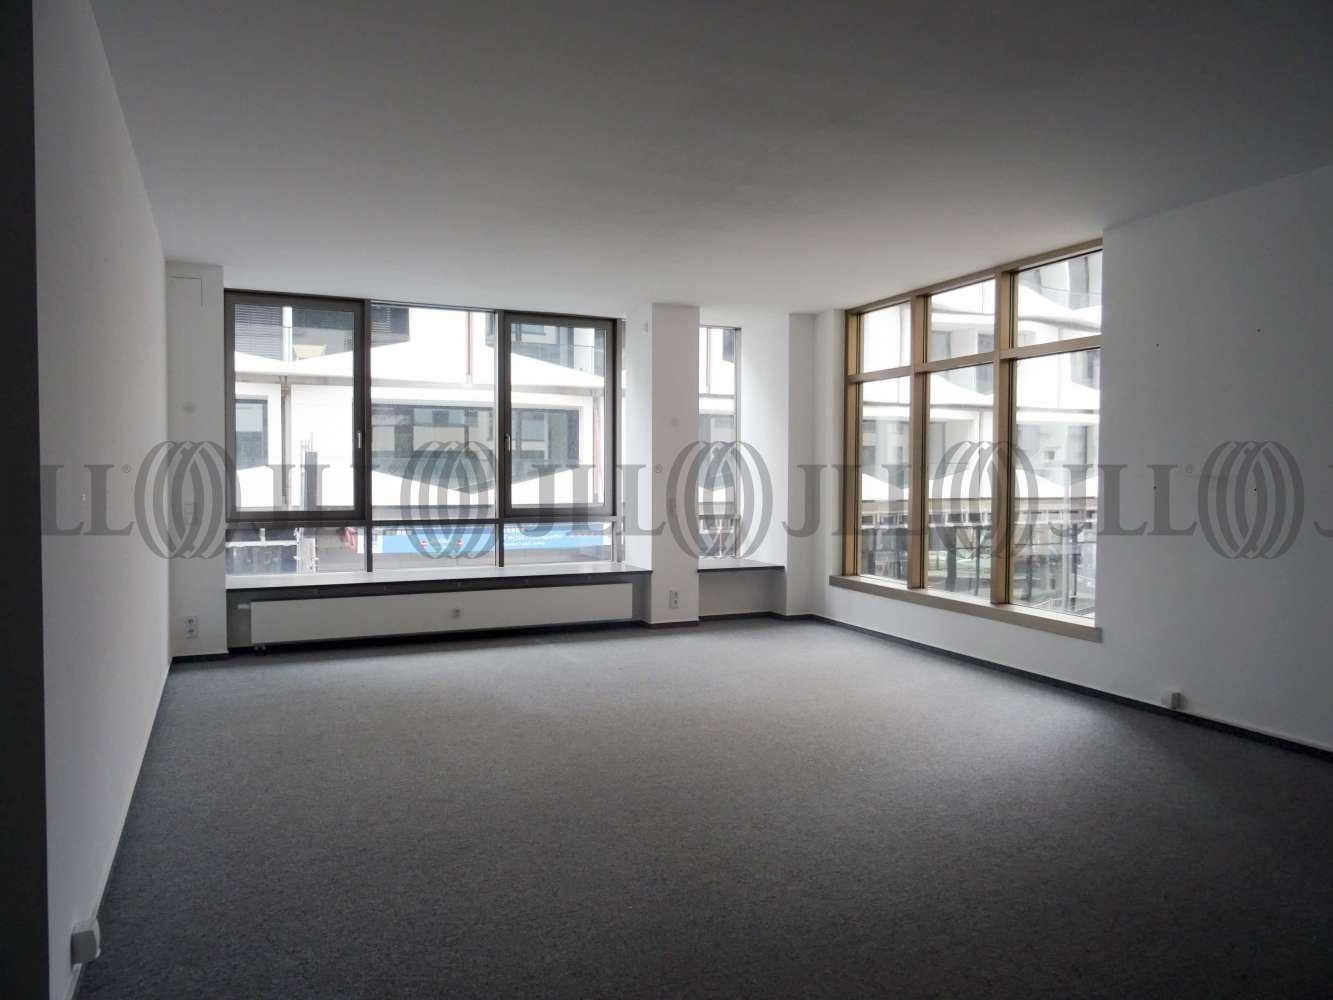 Büros Frankfurt am main, 60313 - Büro - Frankfurt am Main, Innenstadt - F2044 - 10348796